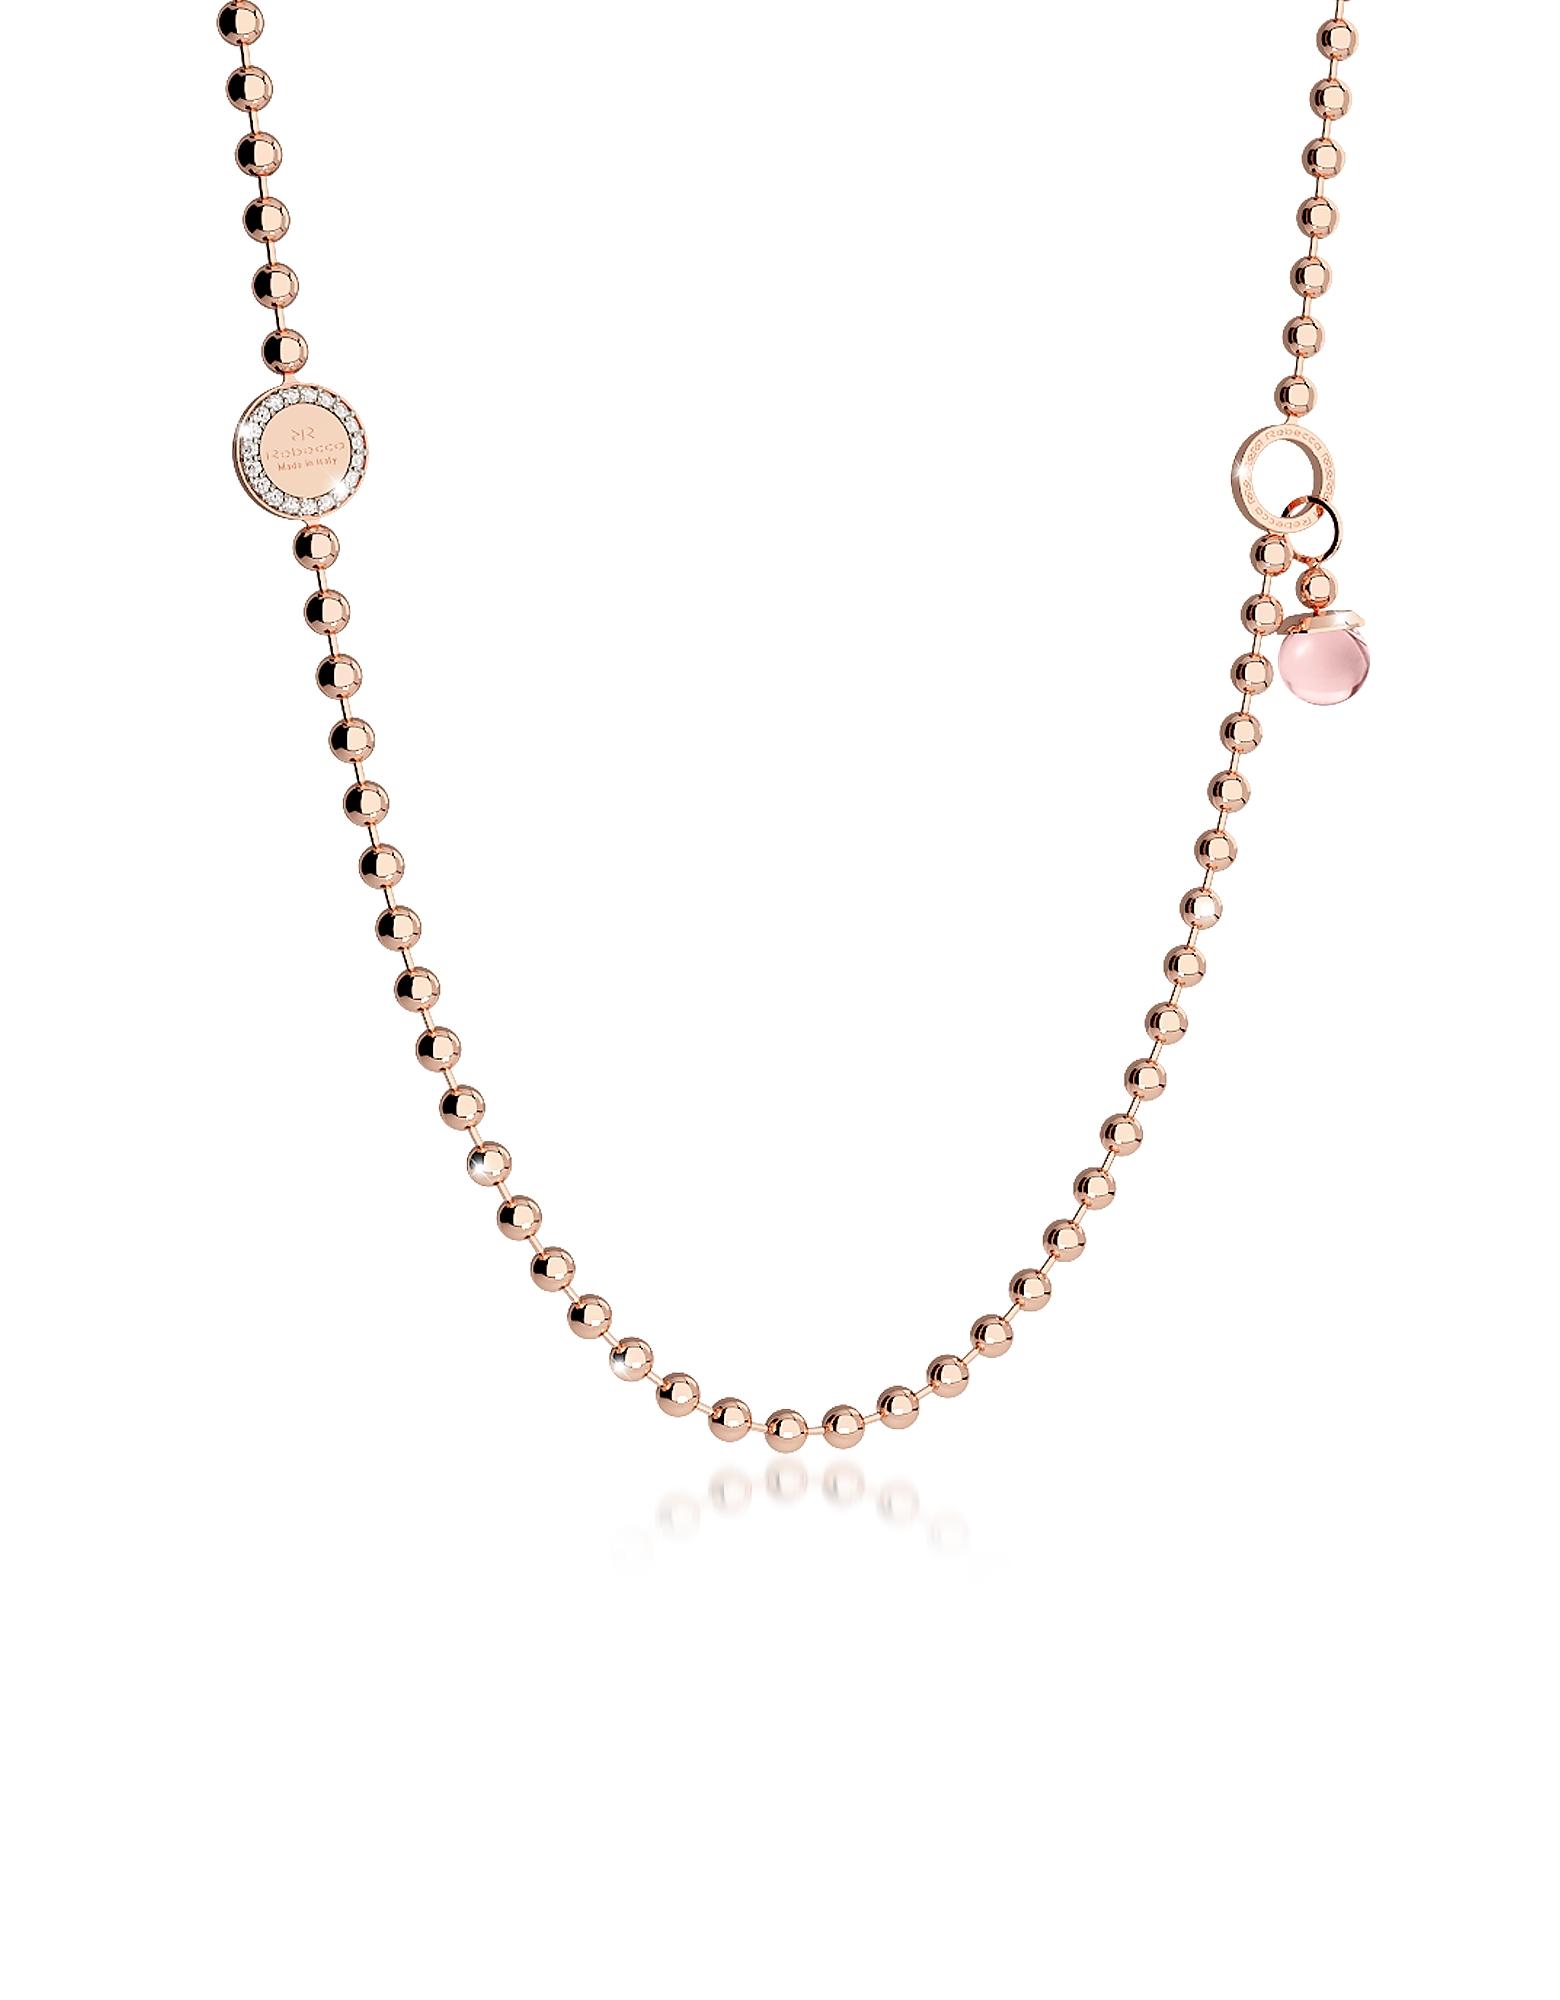 Boulevard Stone - Ожерелье из Бронзы с Напылением Розового Золота с Двумя Чармами